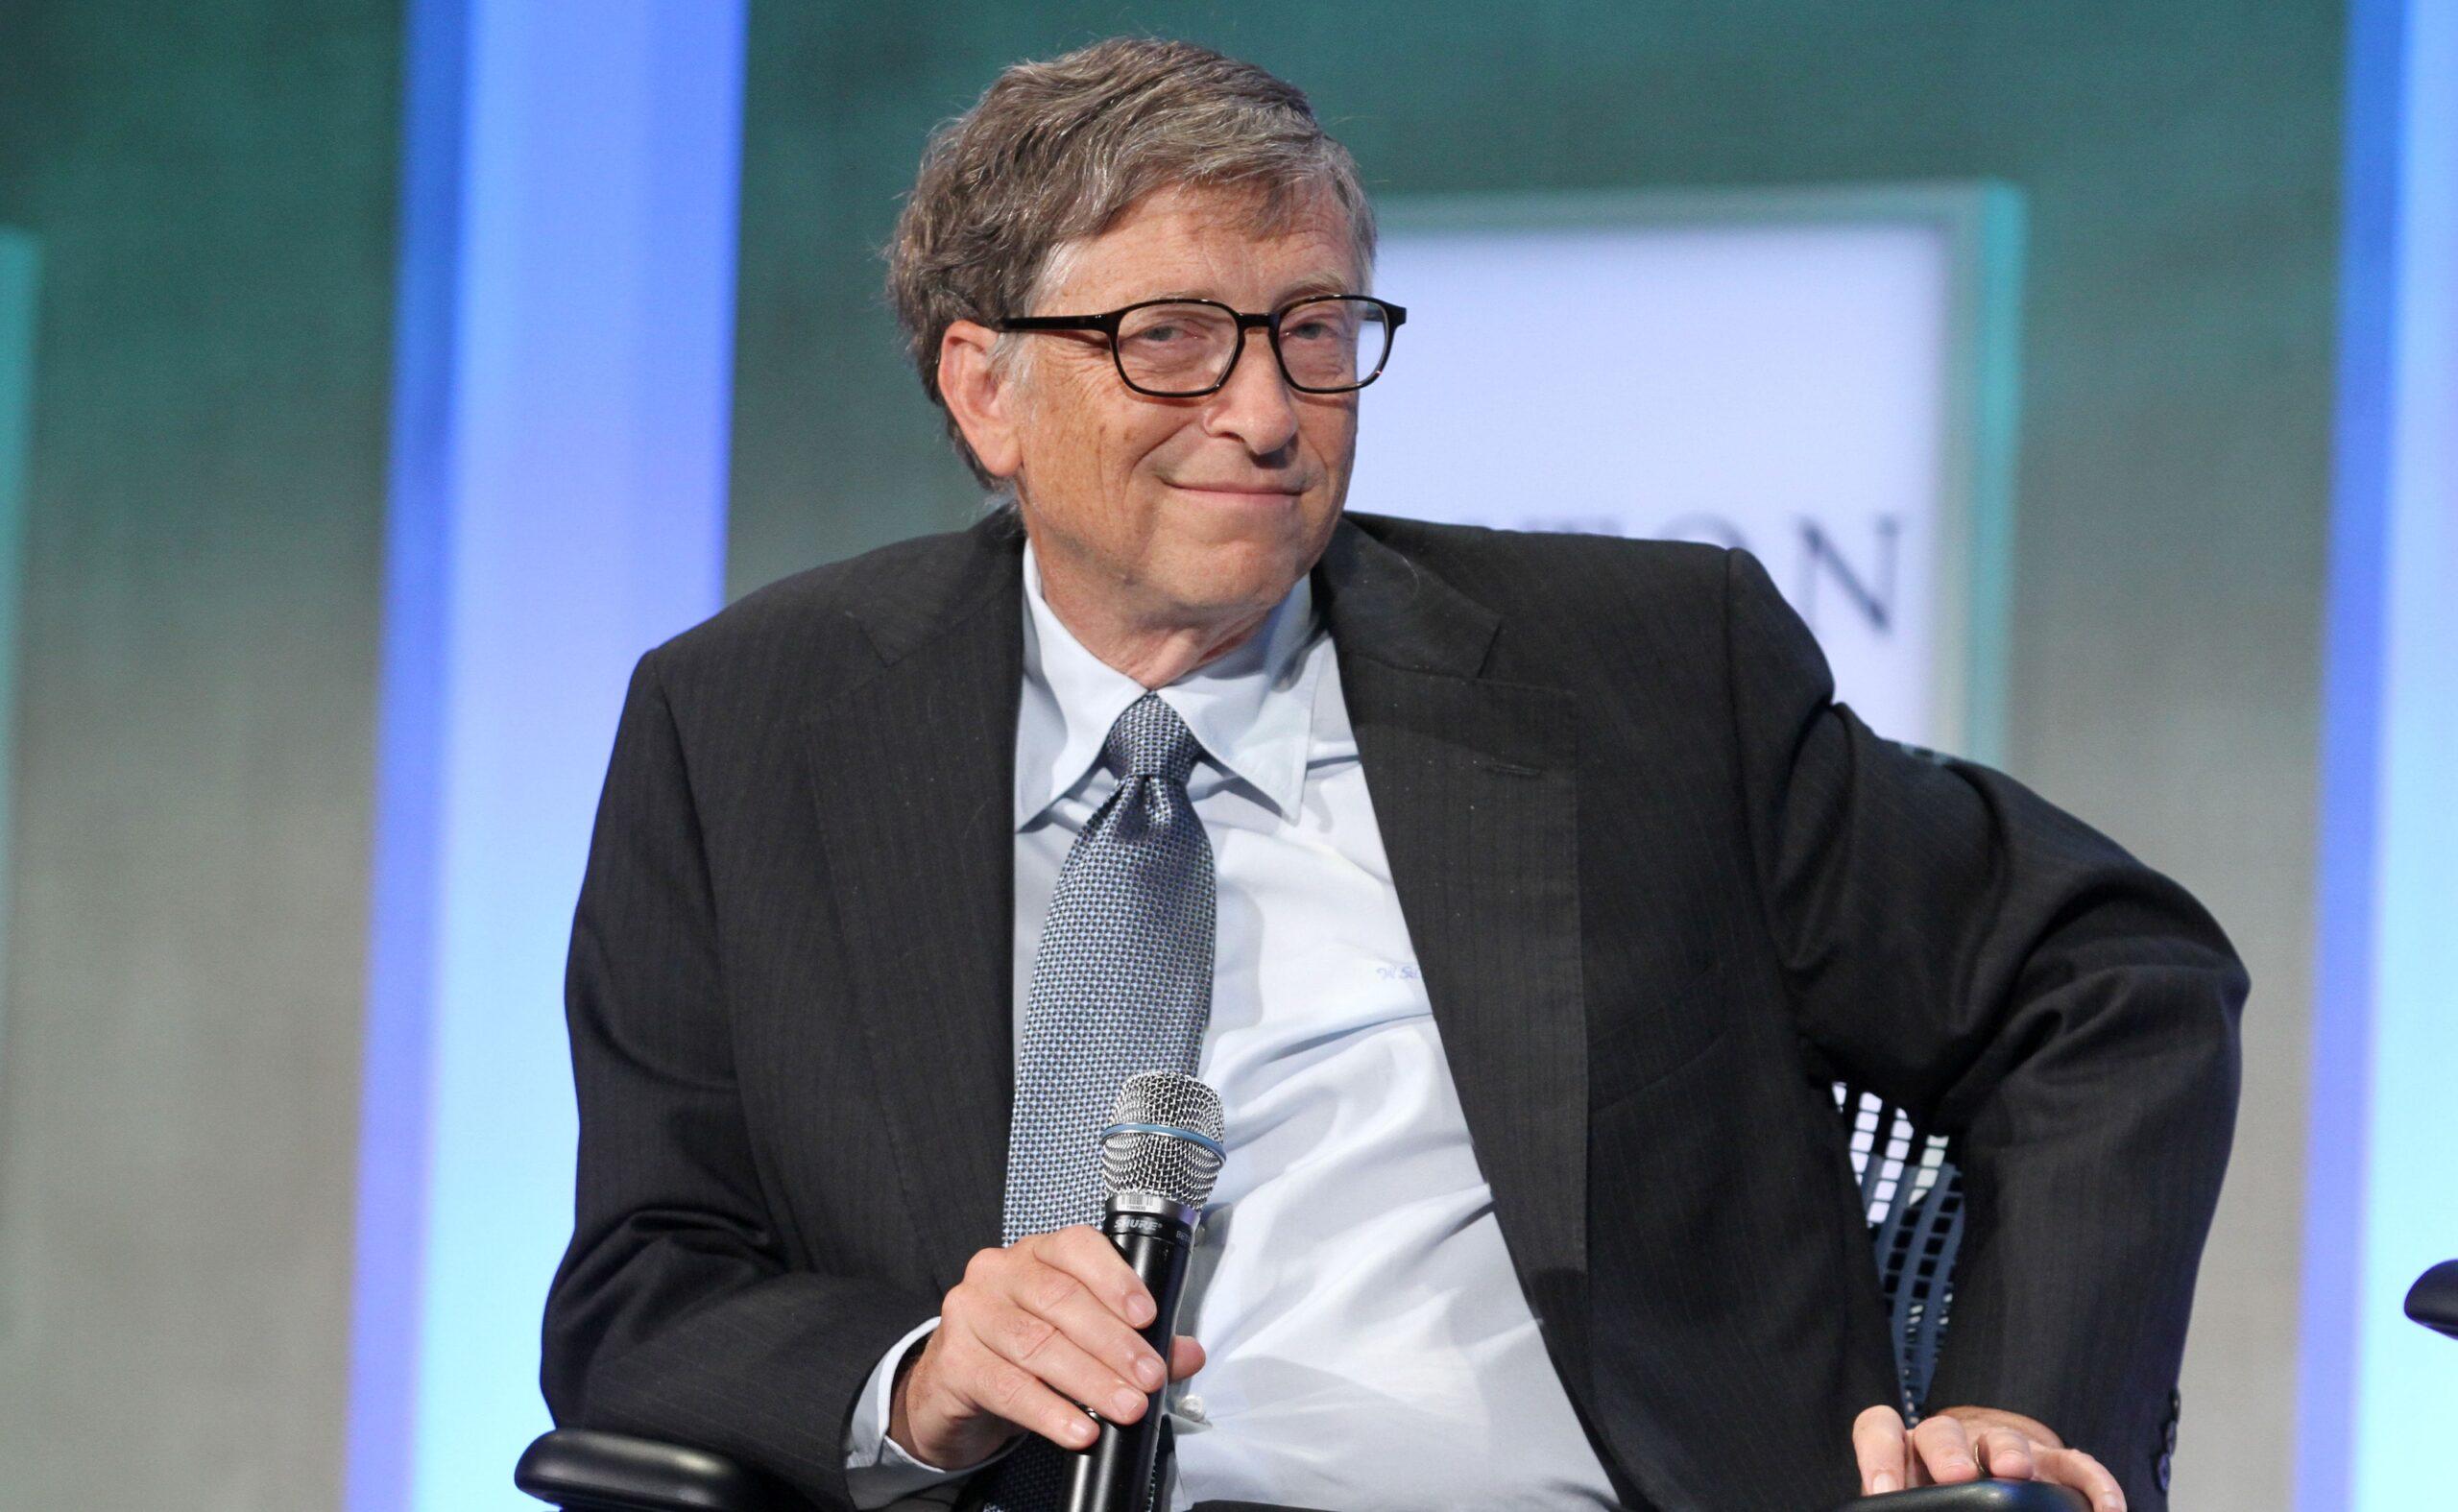 Bill Gates dando entrevista